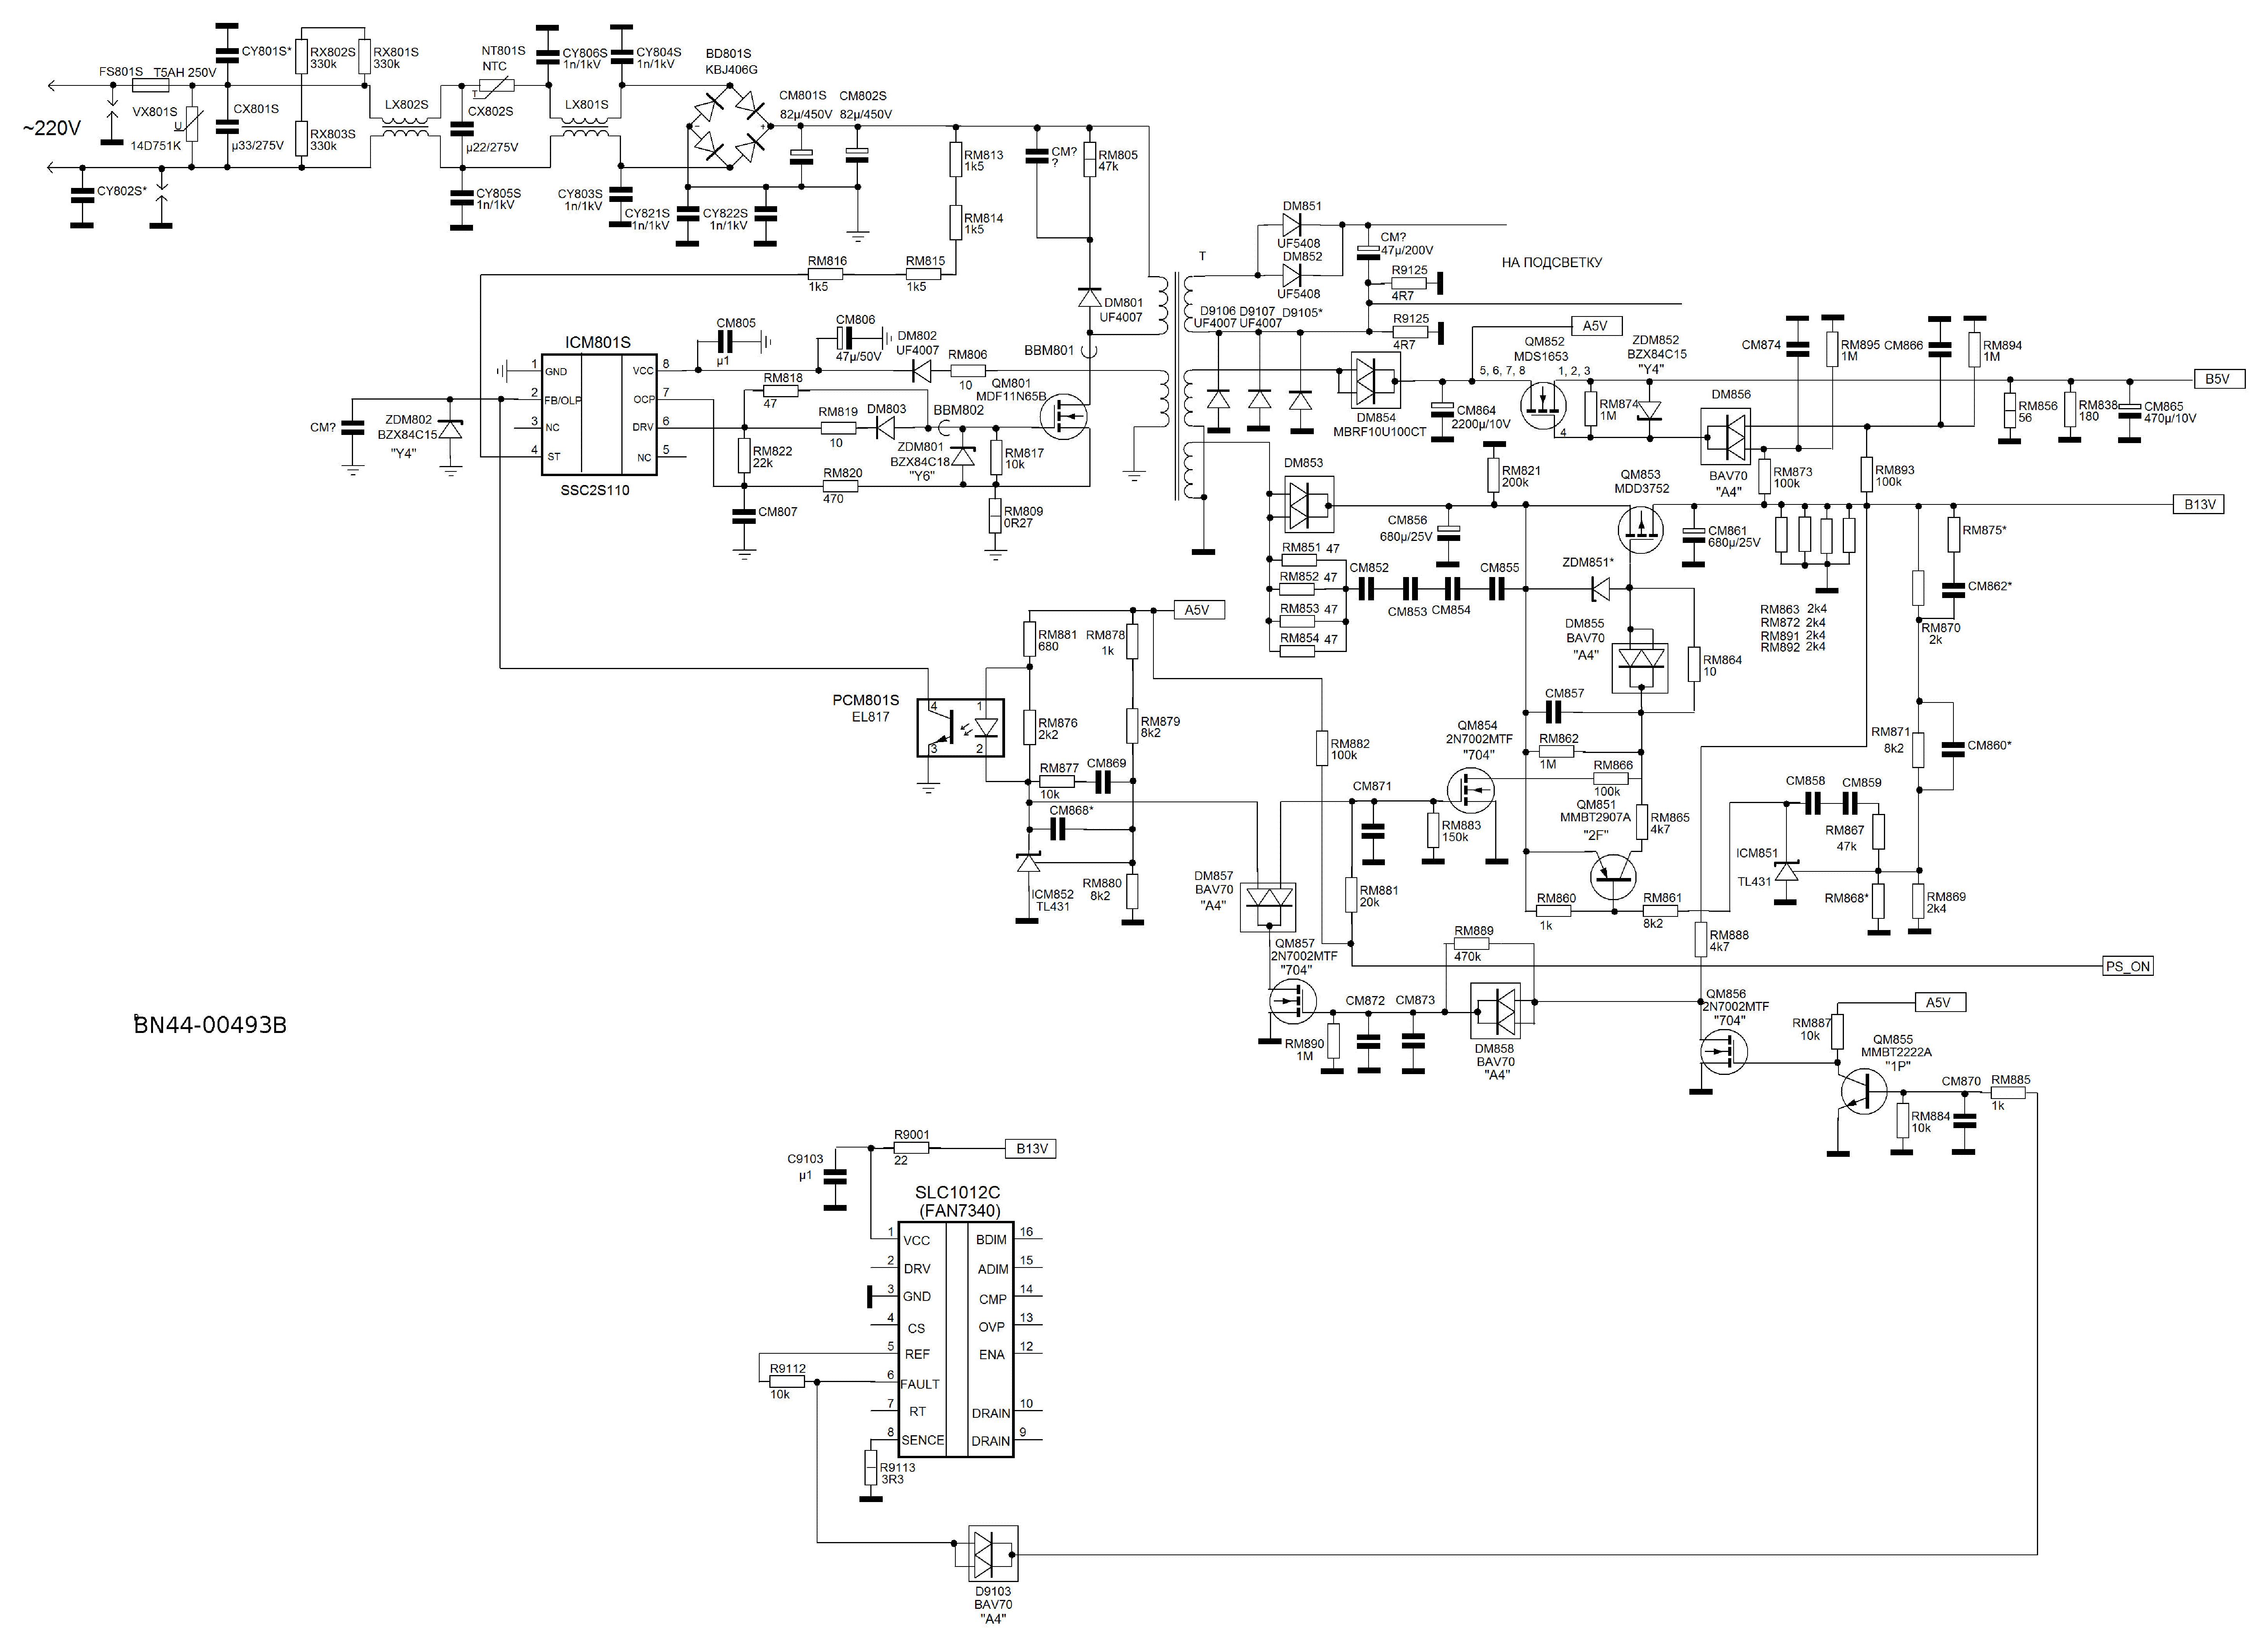 Samsung bn44-00493b psu sch service manual download, schematics.